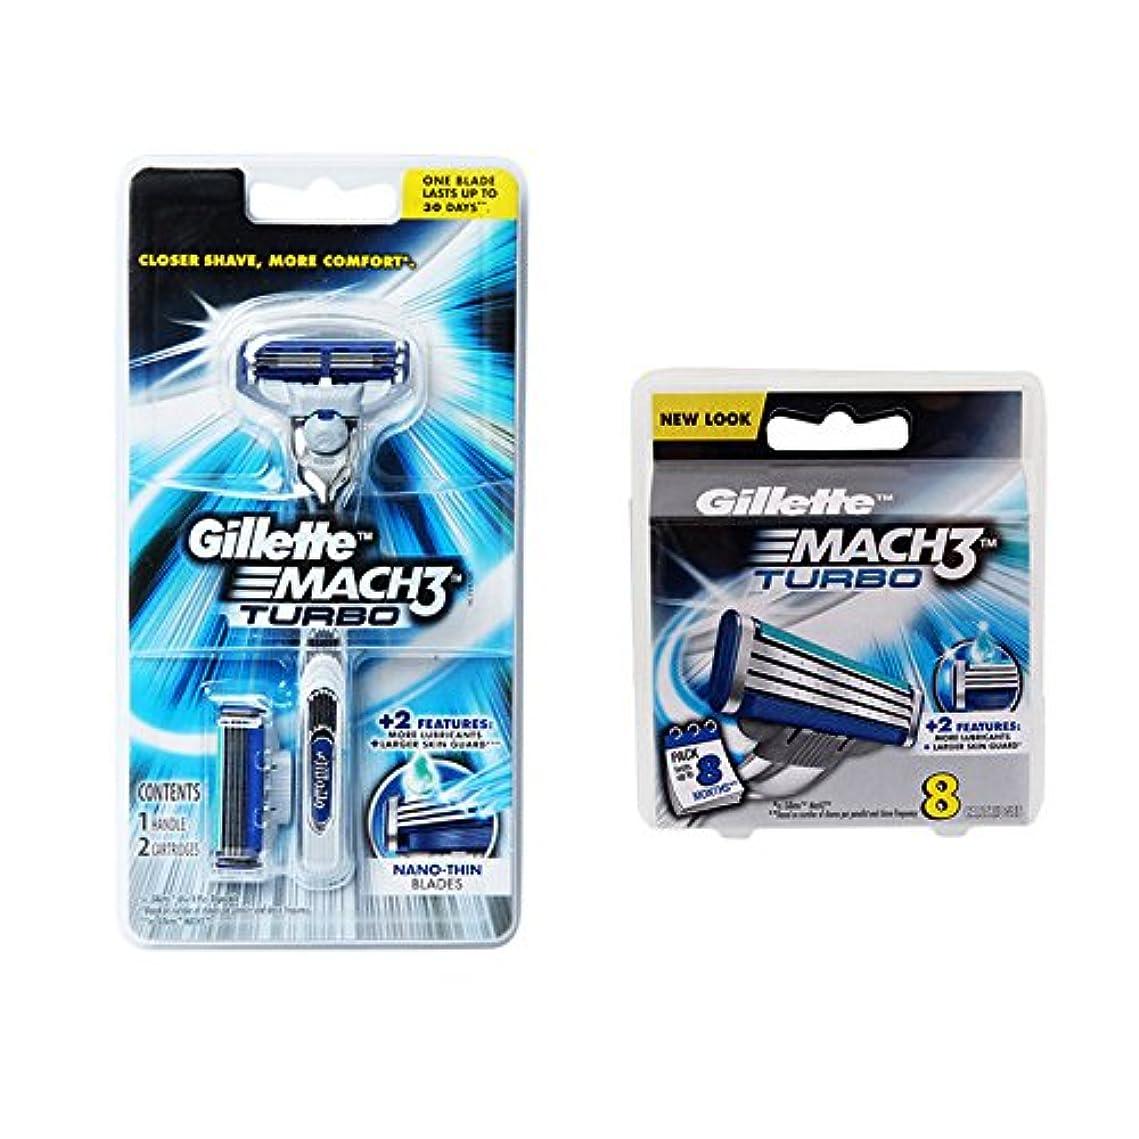 とにかく災害調べるGillette MACH3 Turbo カミソリ1+ブレード10カートリッジBLADES [並行輸入品]